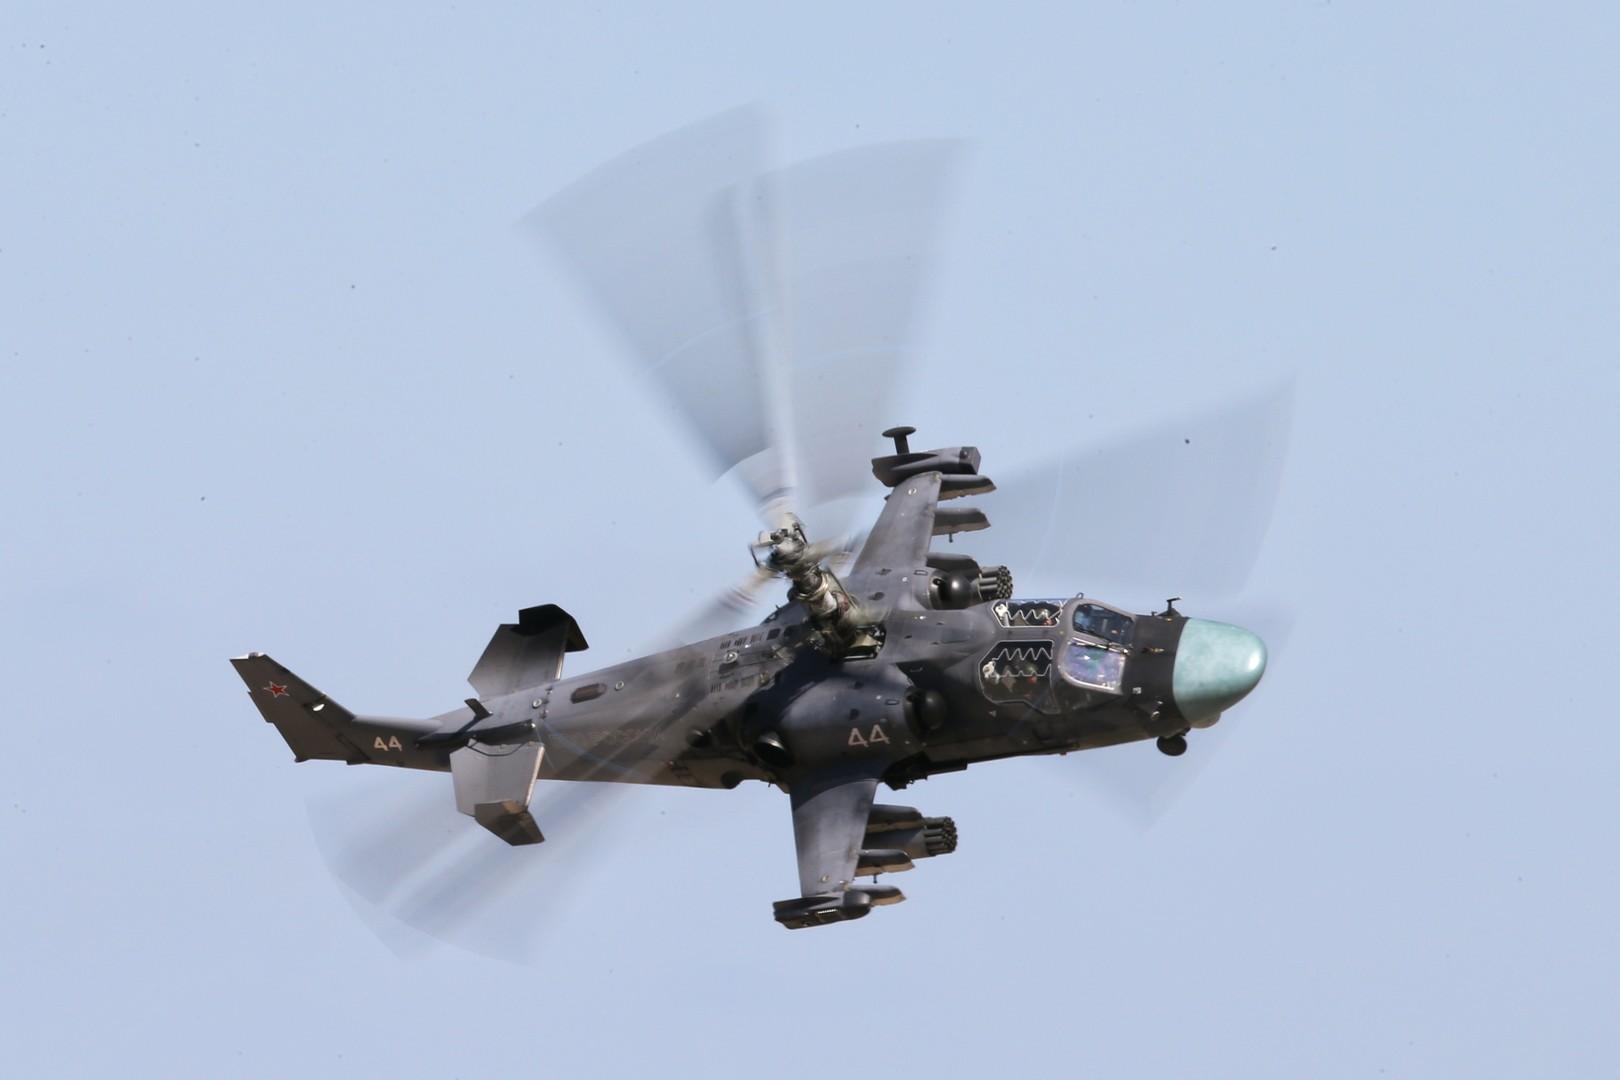 Боевой вертолёт Ка-52 «Аллигатор» во время конкурса «Авиадартс-2016», проходящего в рамках «Международных армейских игр-2016», на полигоне «Дубровичи» в Рязанской области.